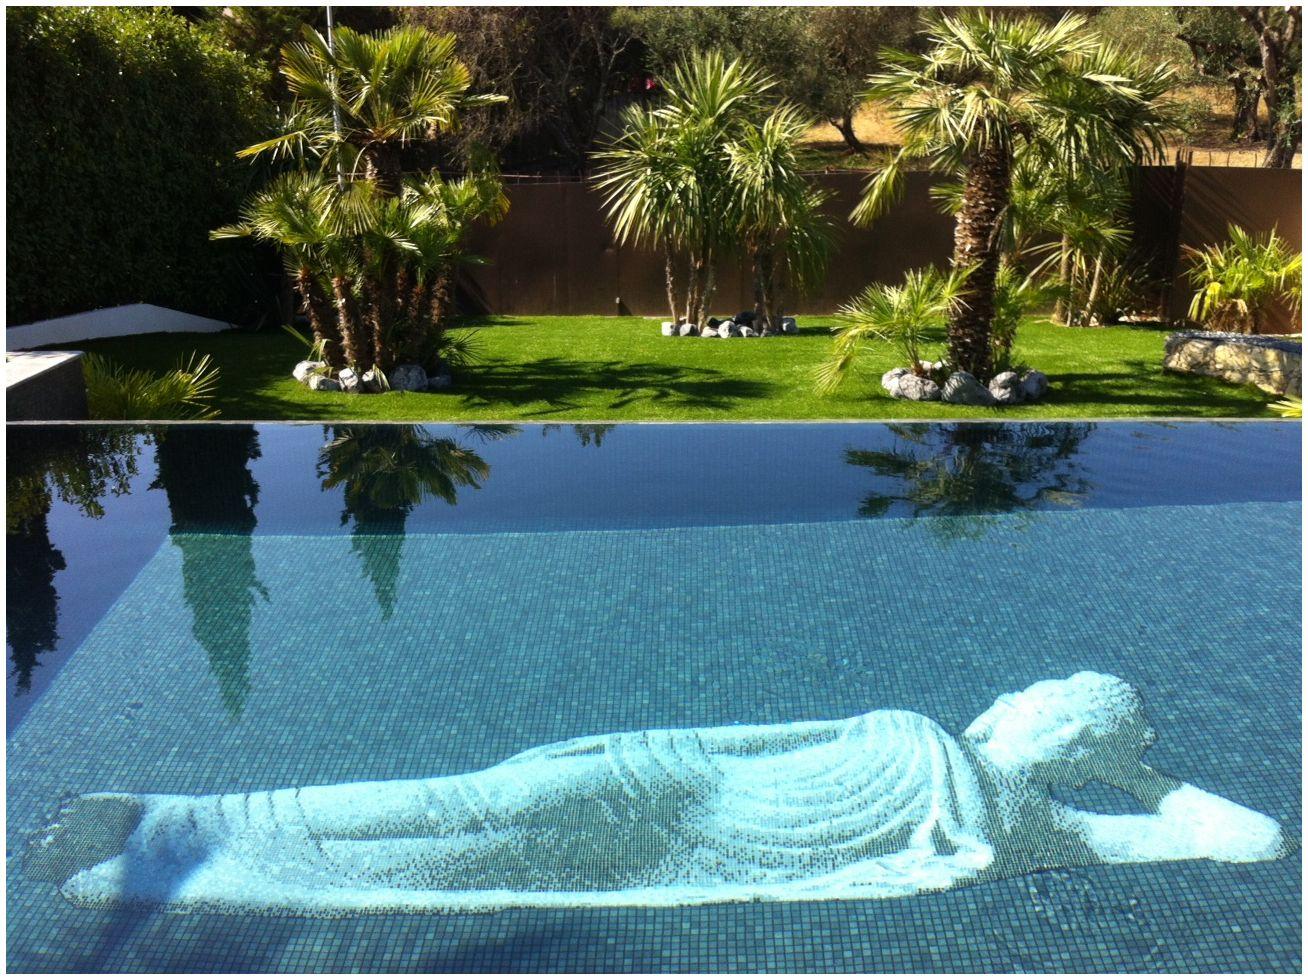 Deco piscine mosaique - Deco autour de la piscine ...